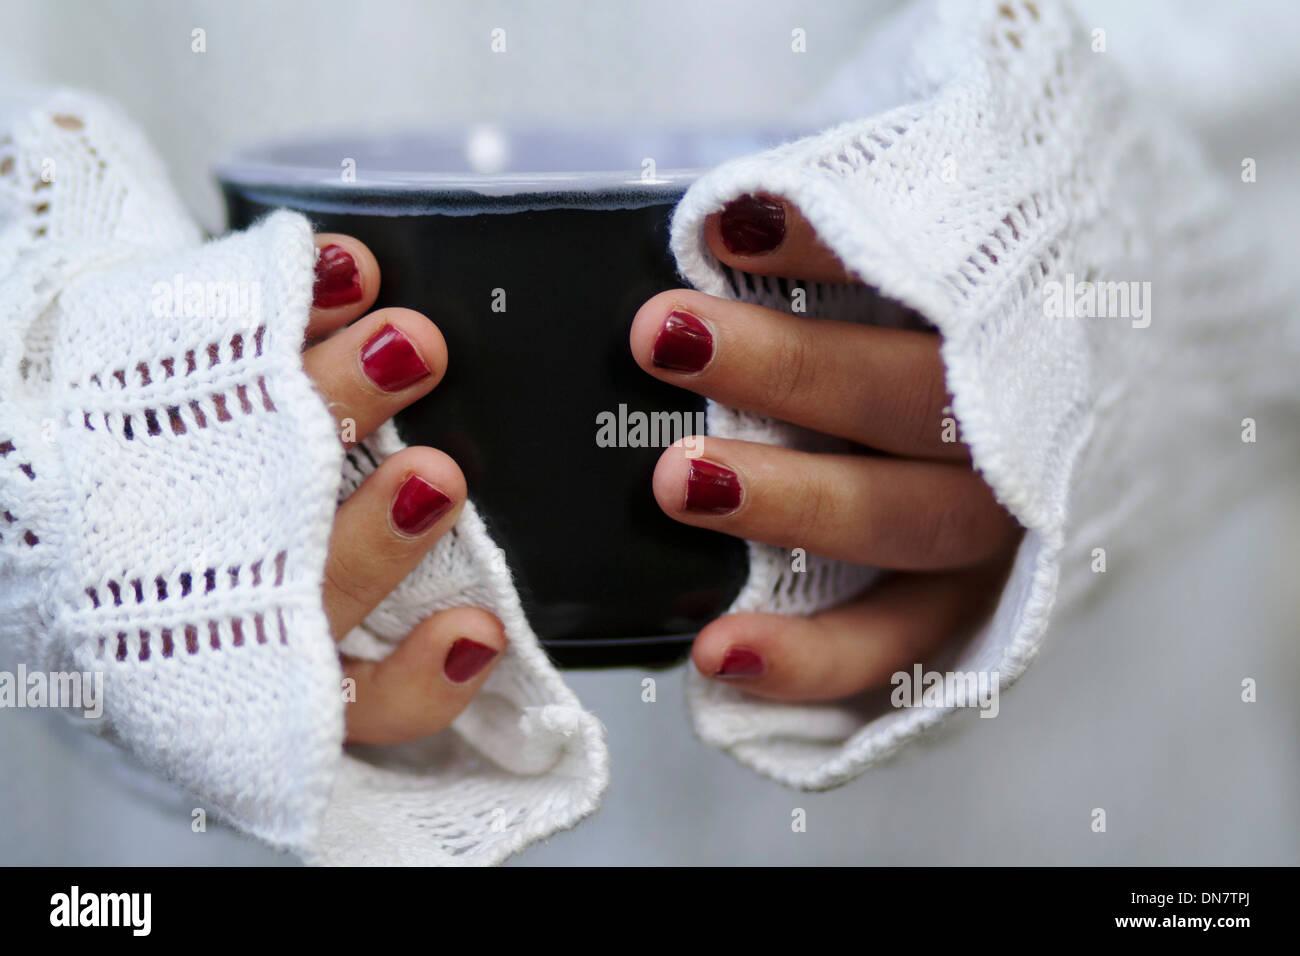 Femme avec des ongles peints holding bowl de part Photo Stock